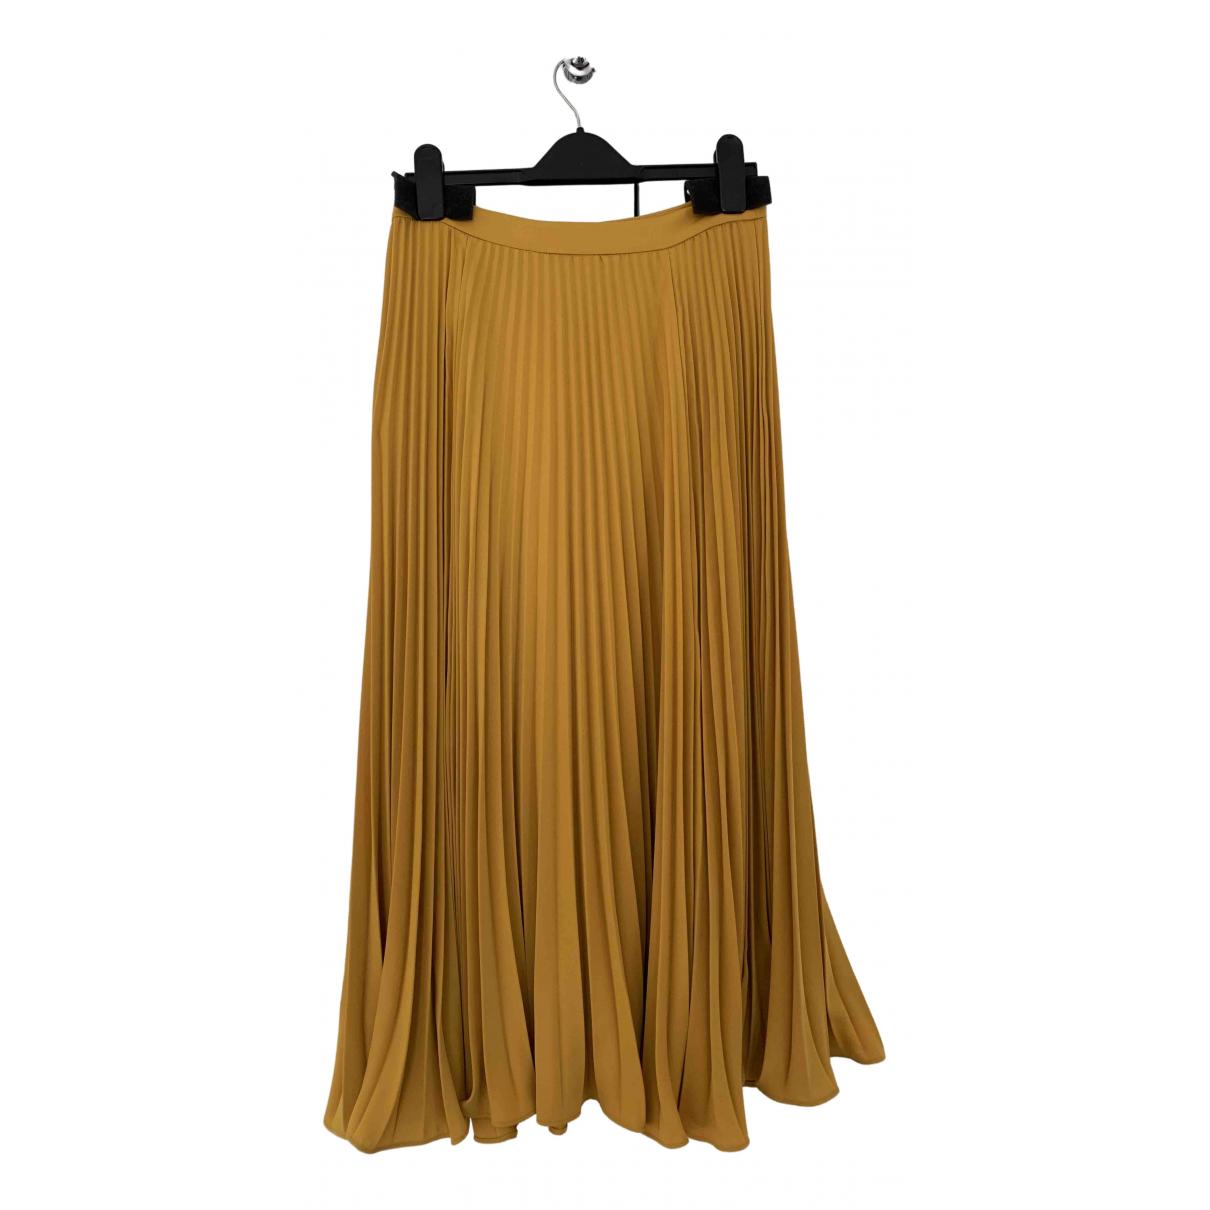 Boden - Jupe   pour femme - jaune